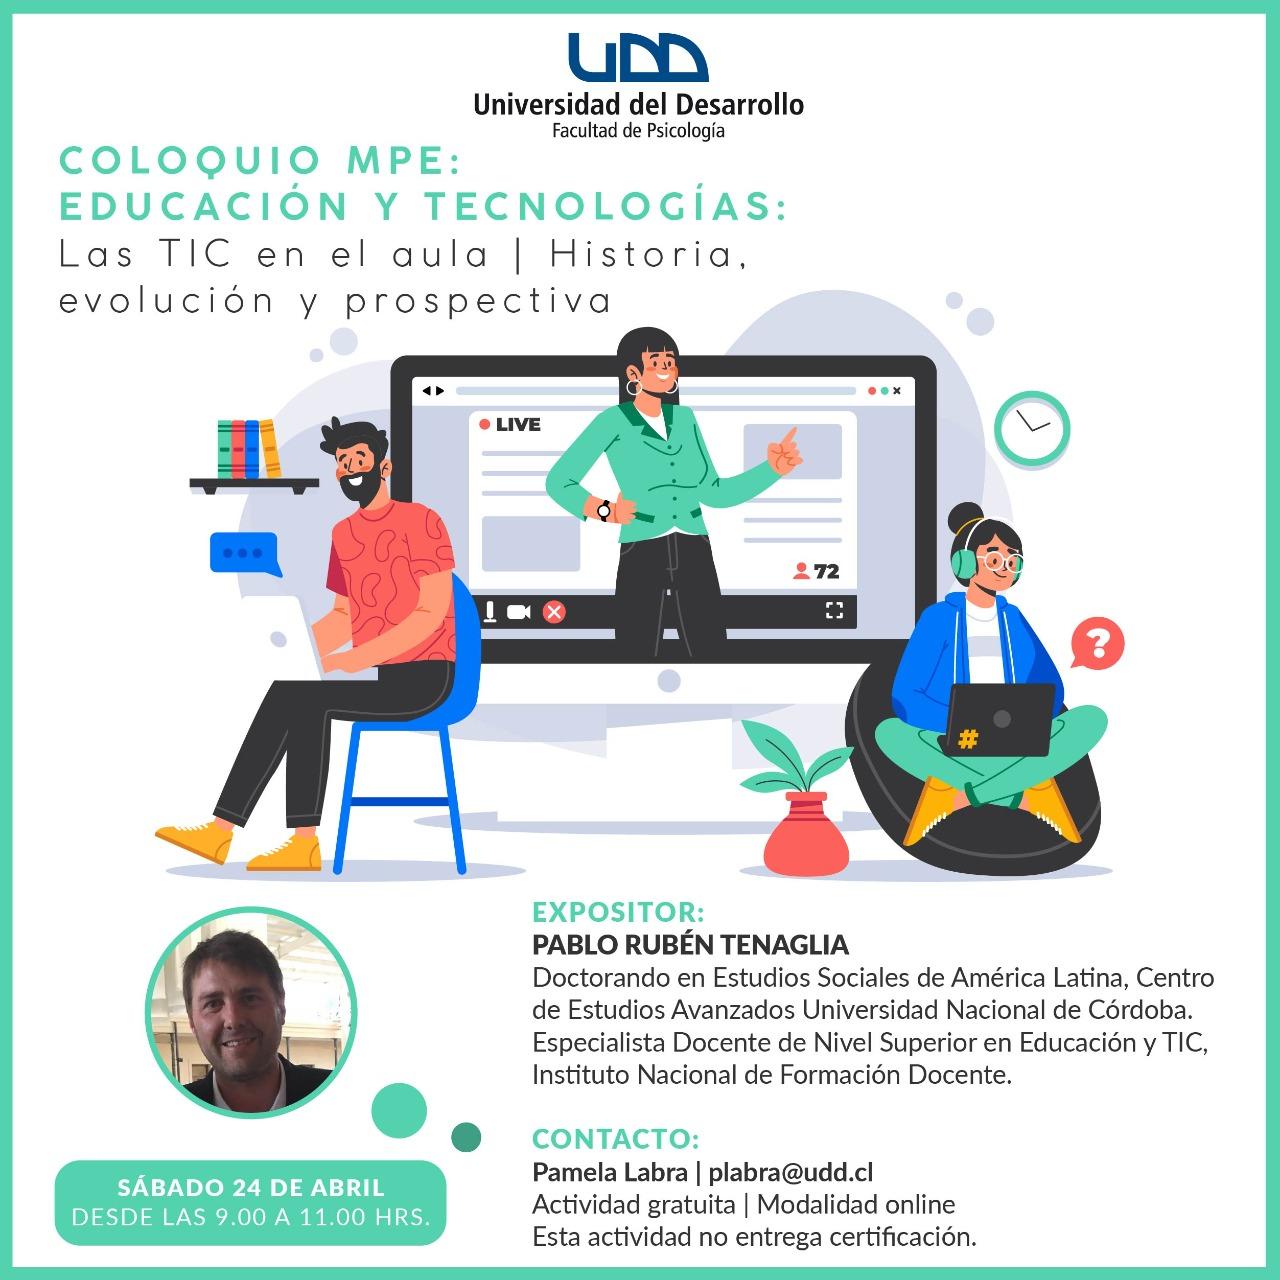 Coloquio MPE: Educación y Tecnologías